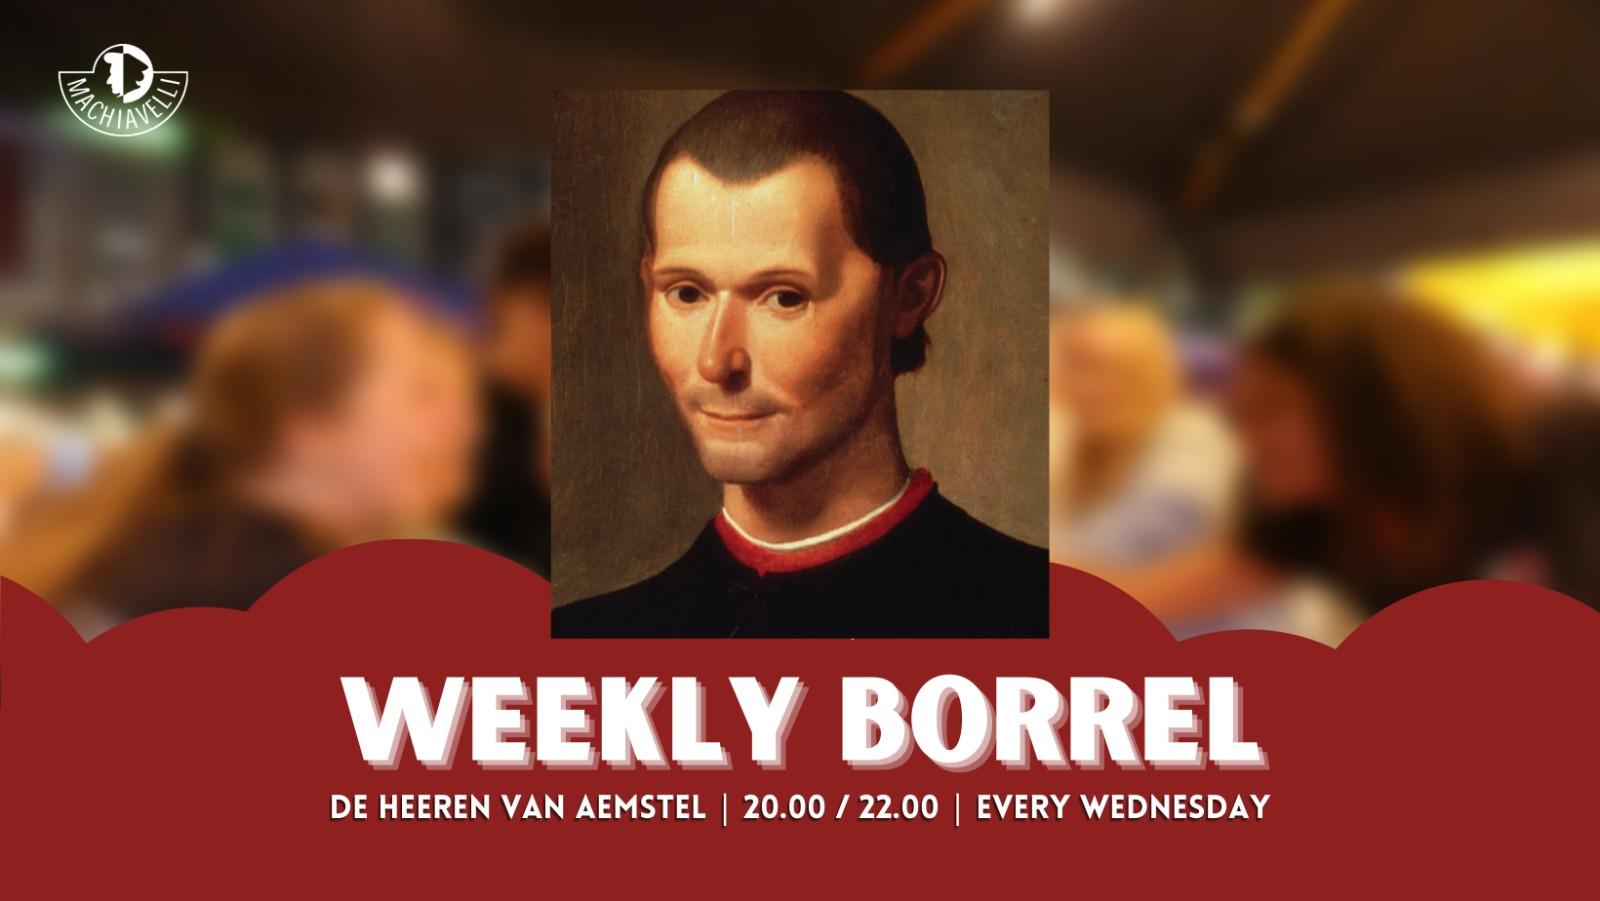 Weekly Borrel Shift 2 (22:00 - 00:00)